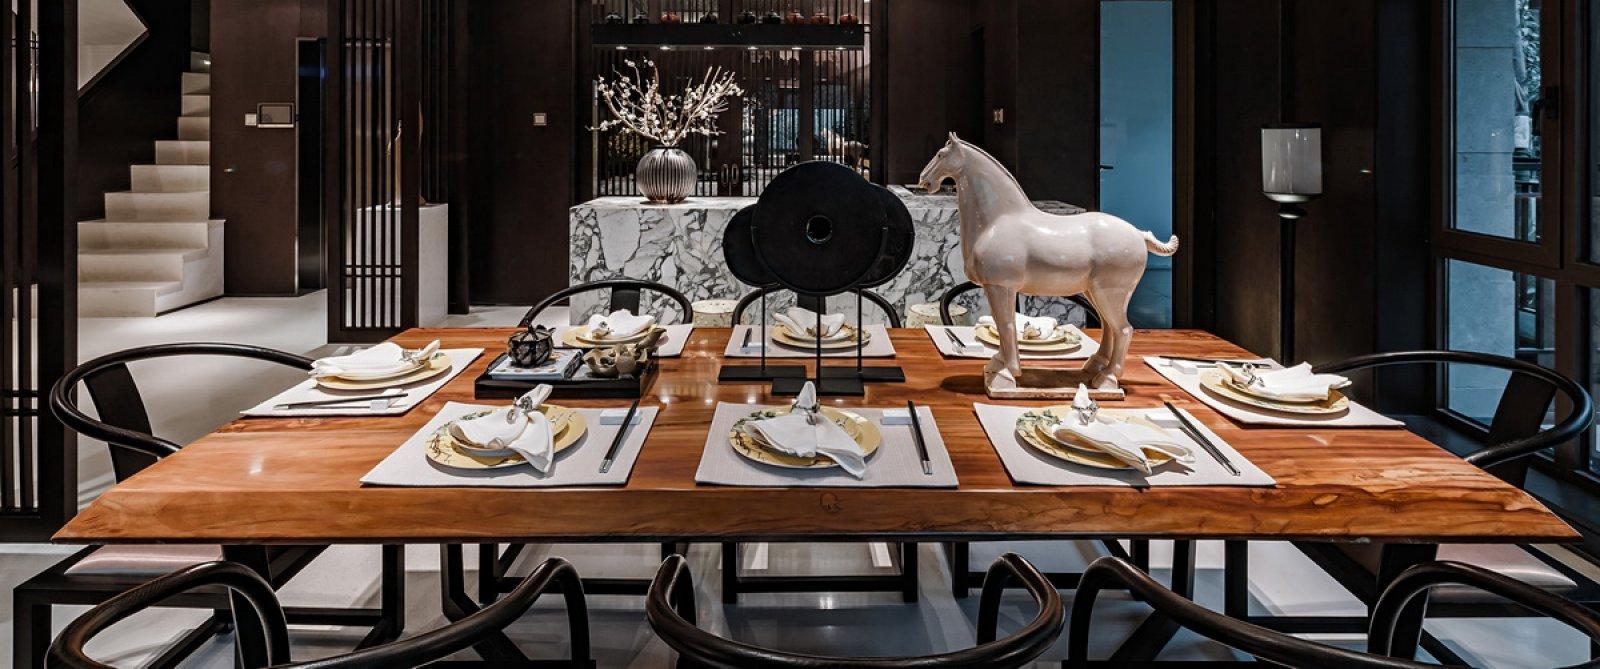 新中式别墅装修餐桌设计效果图